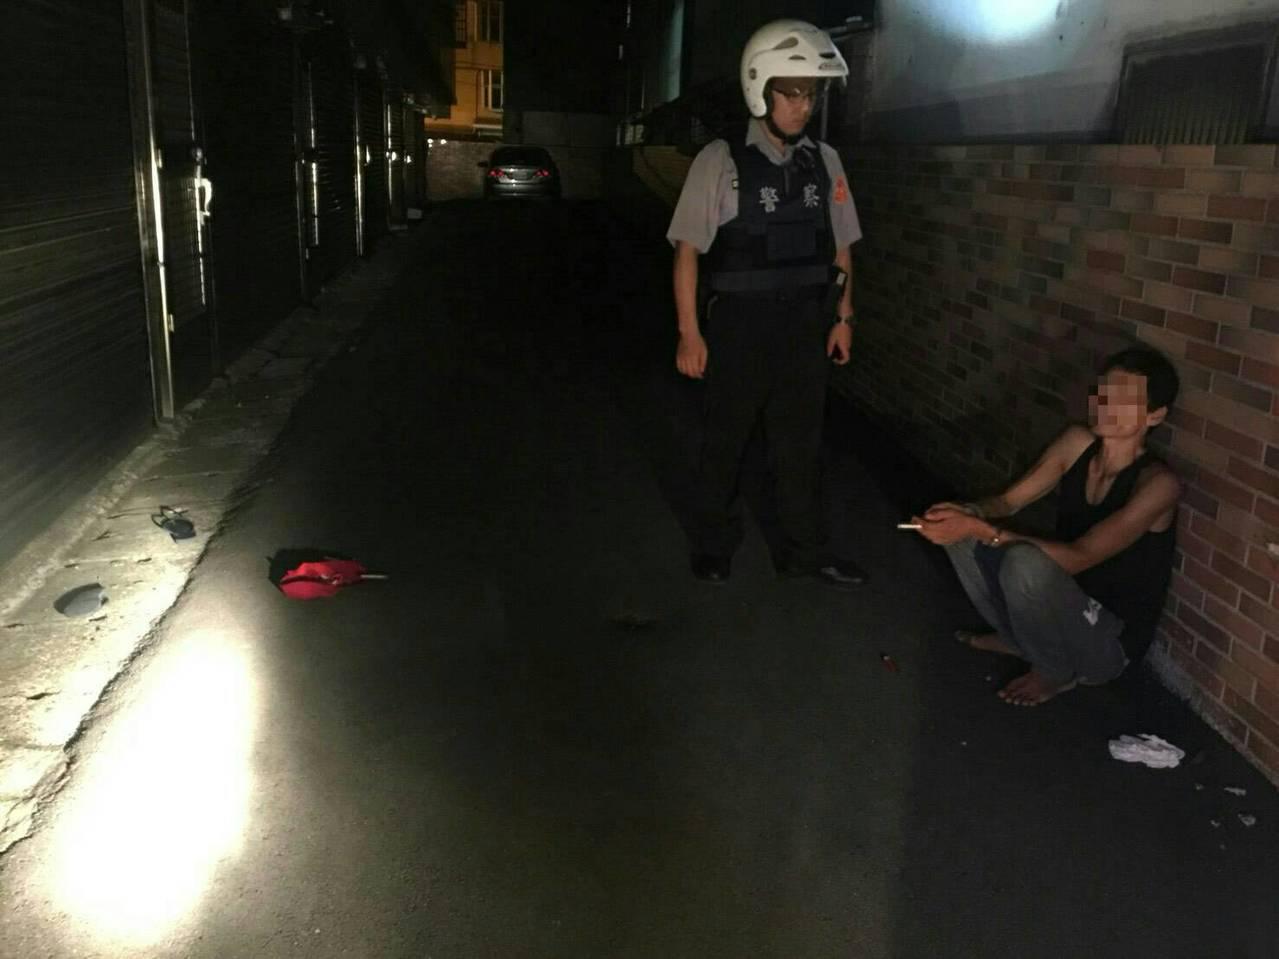 洪男注射毒品後蹲坐在路邊,警方一度以為是路倒。記者鄭國樑/翻攝